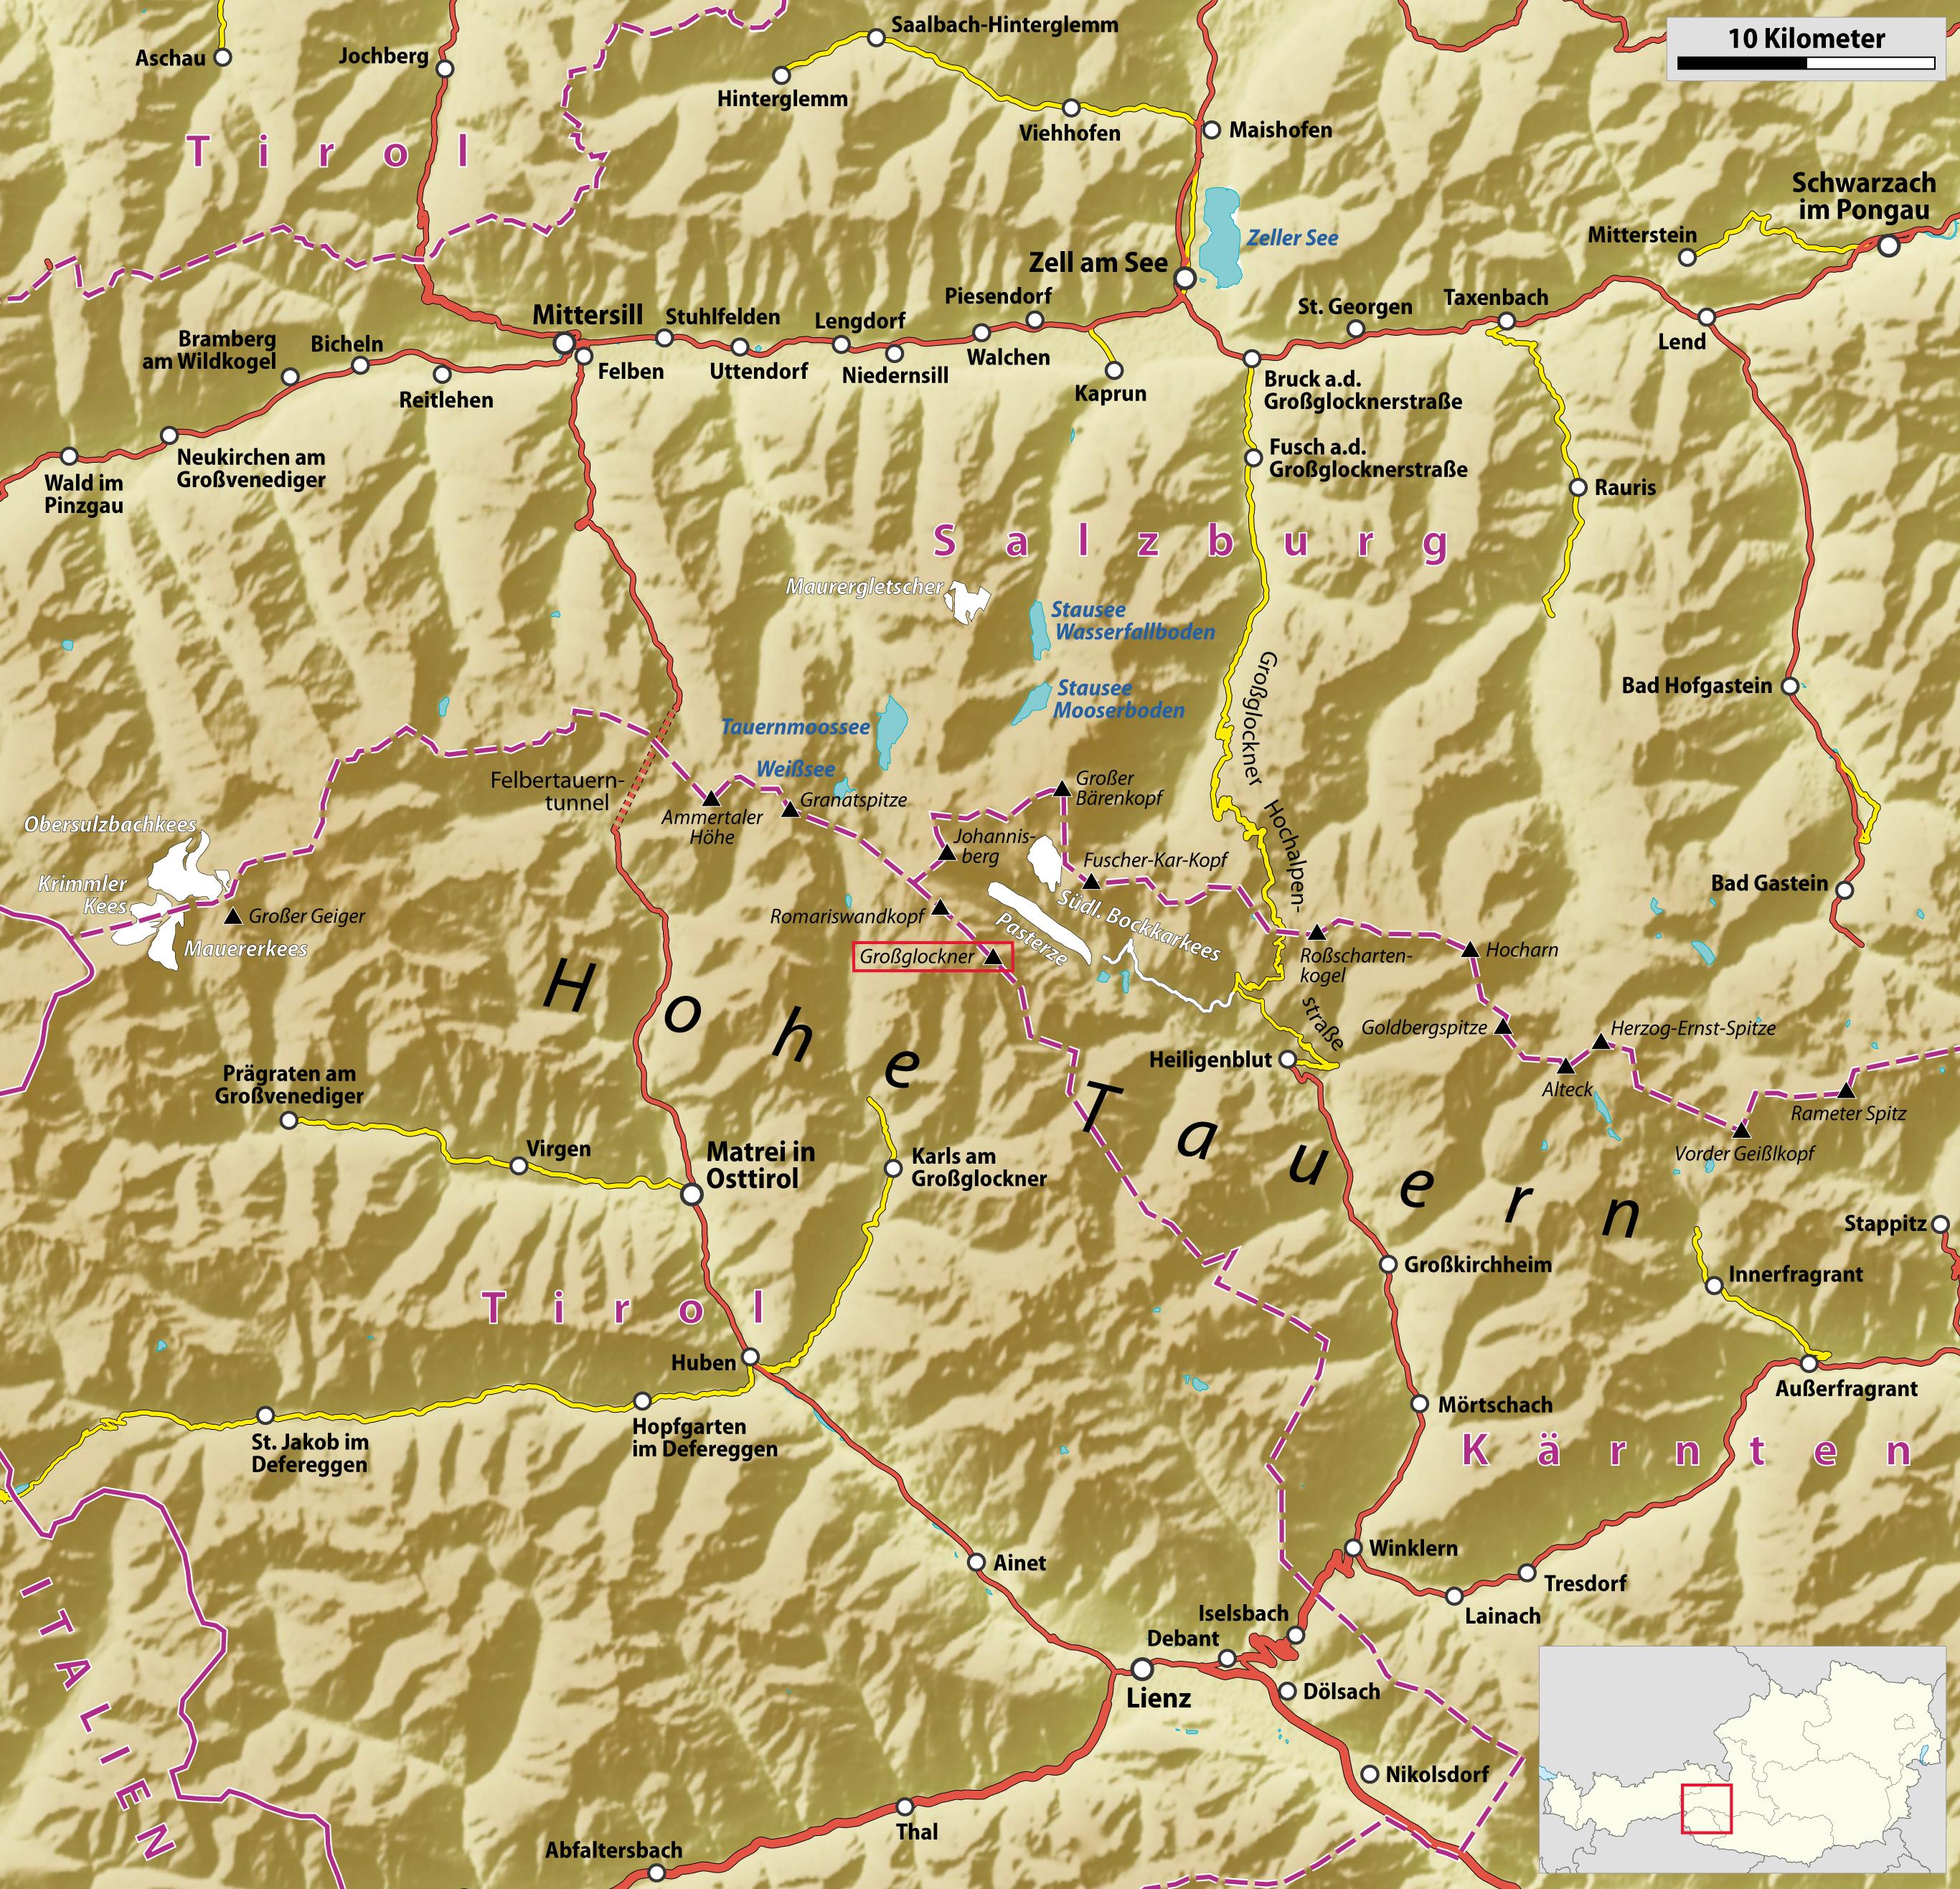 hohe tauern karte Datei:Mittlerer Teil der Hohen Tauern (Karte).png – Wikipedia